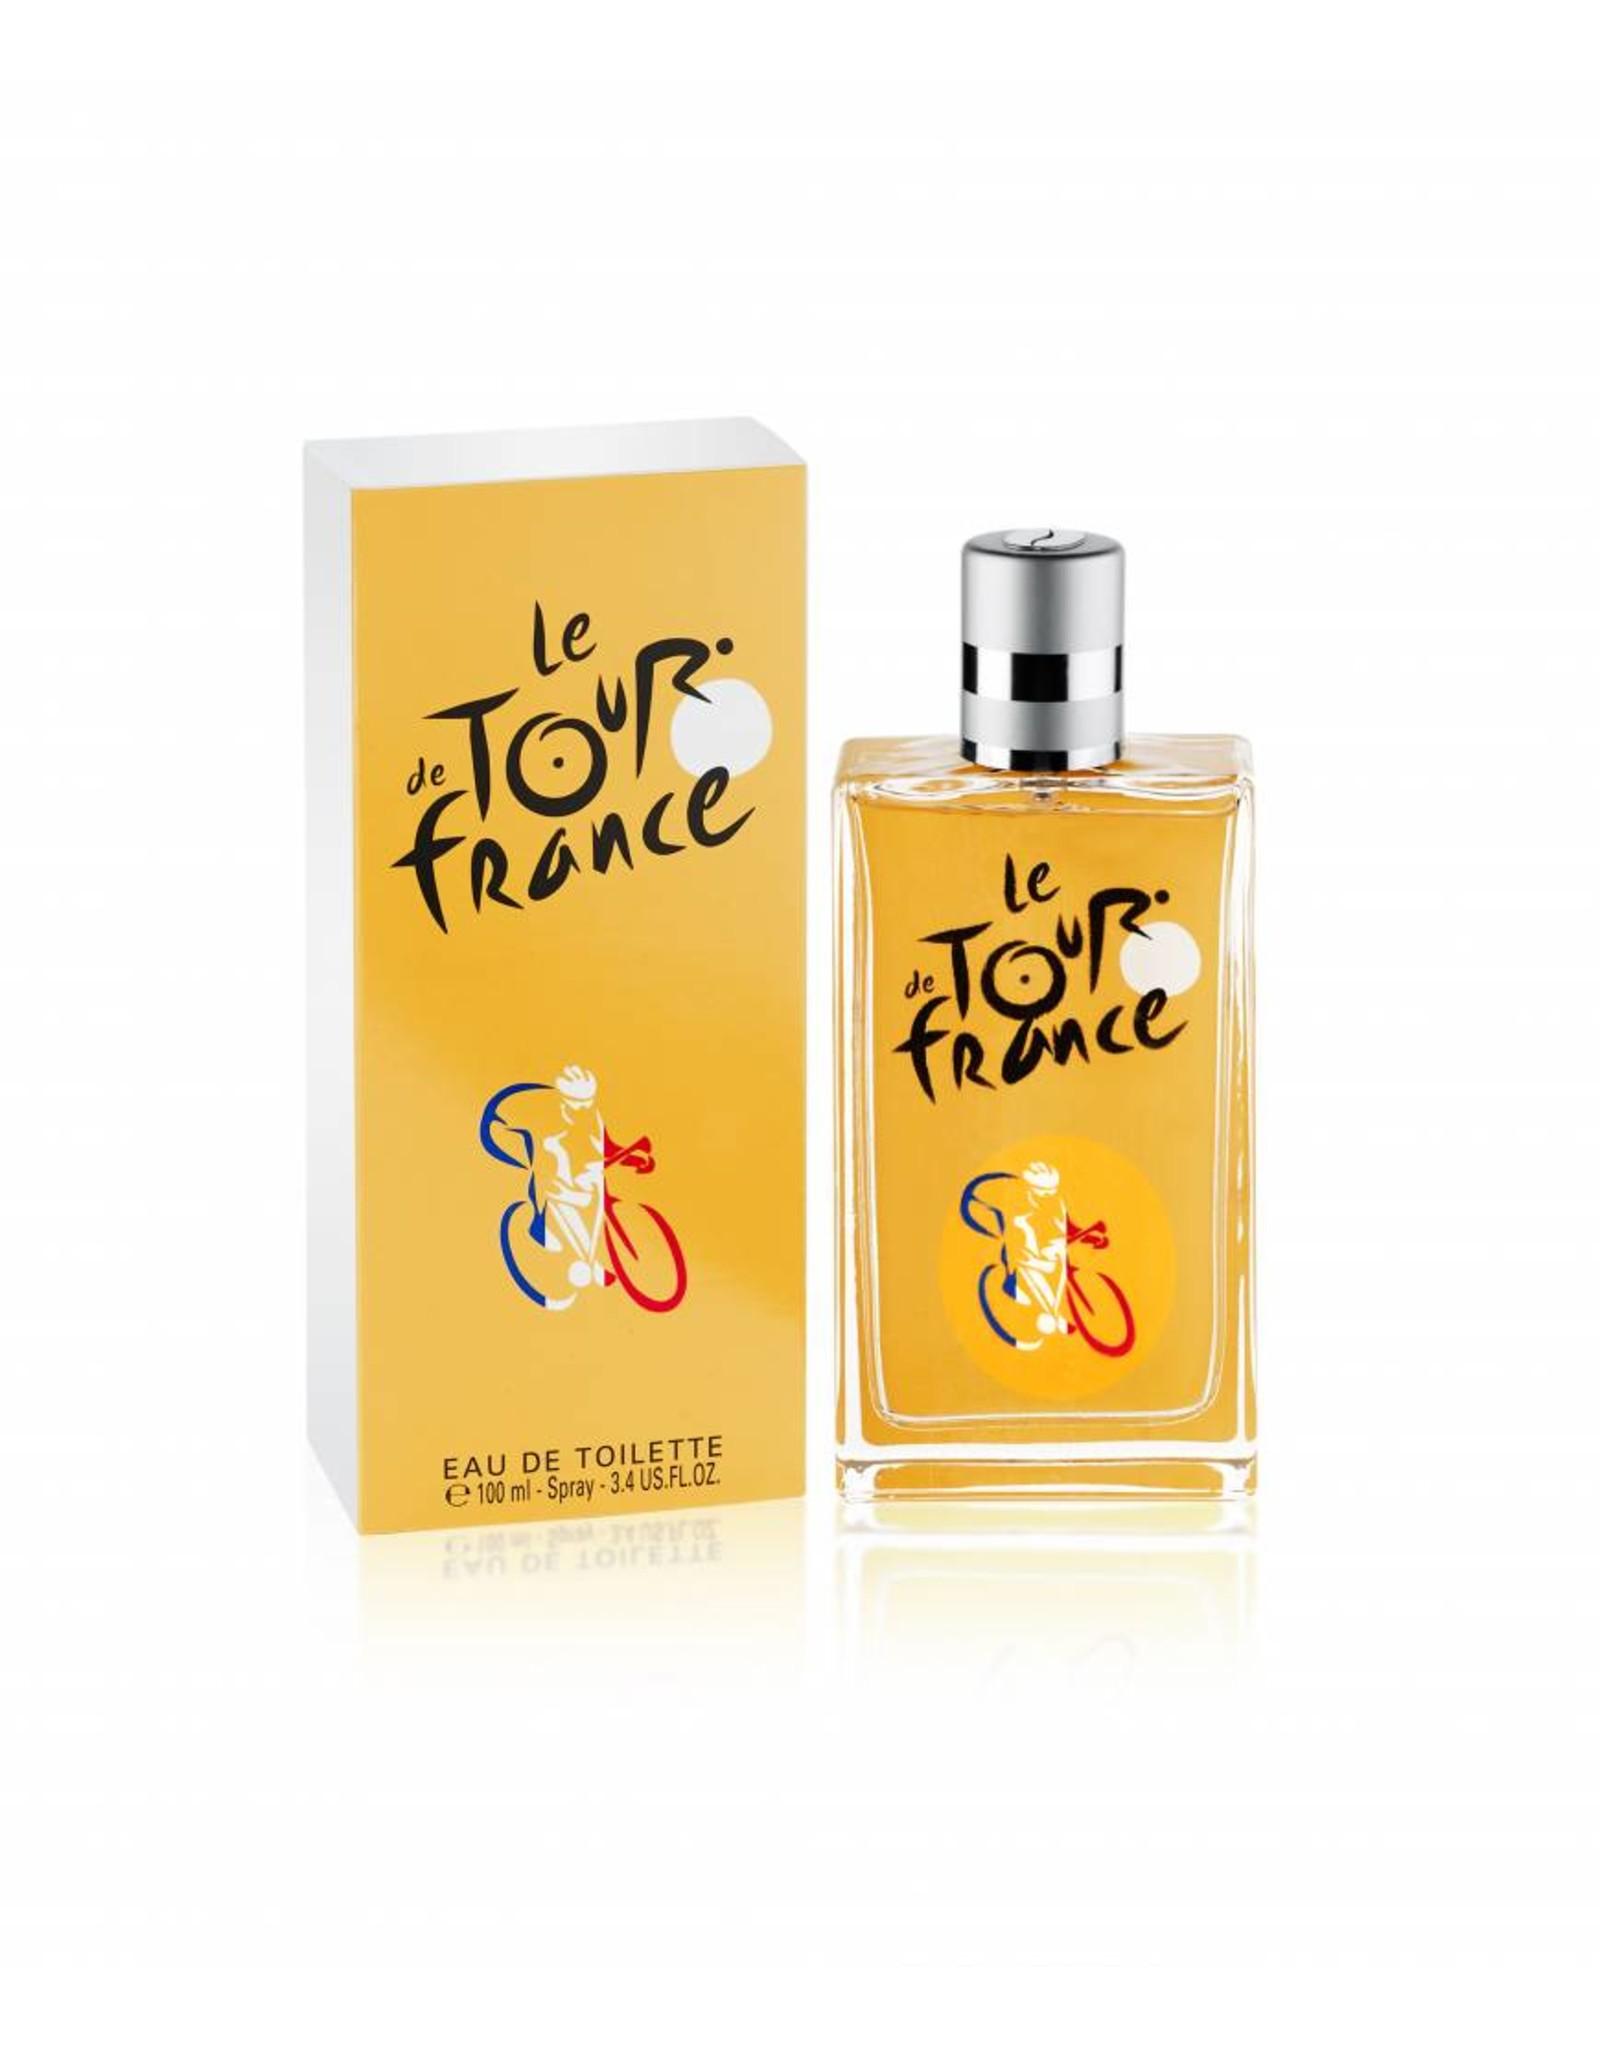 Le Tour de France Le Tour De France Original - Eau De Toilette for women and men